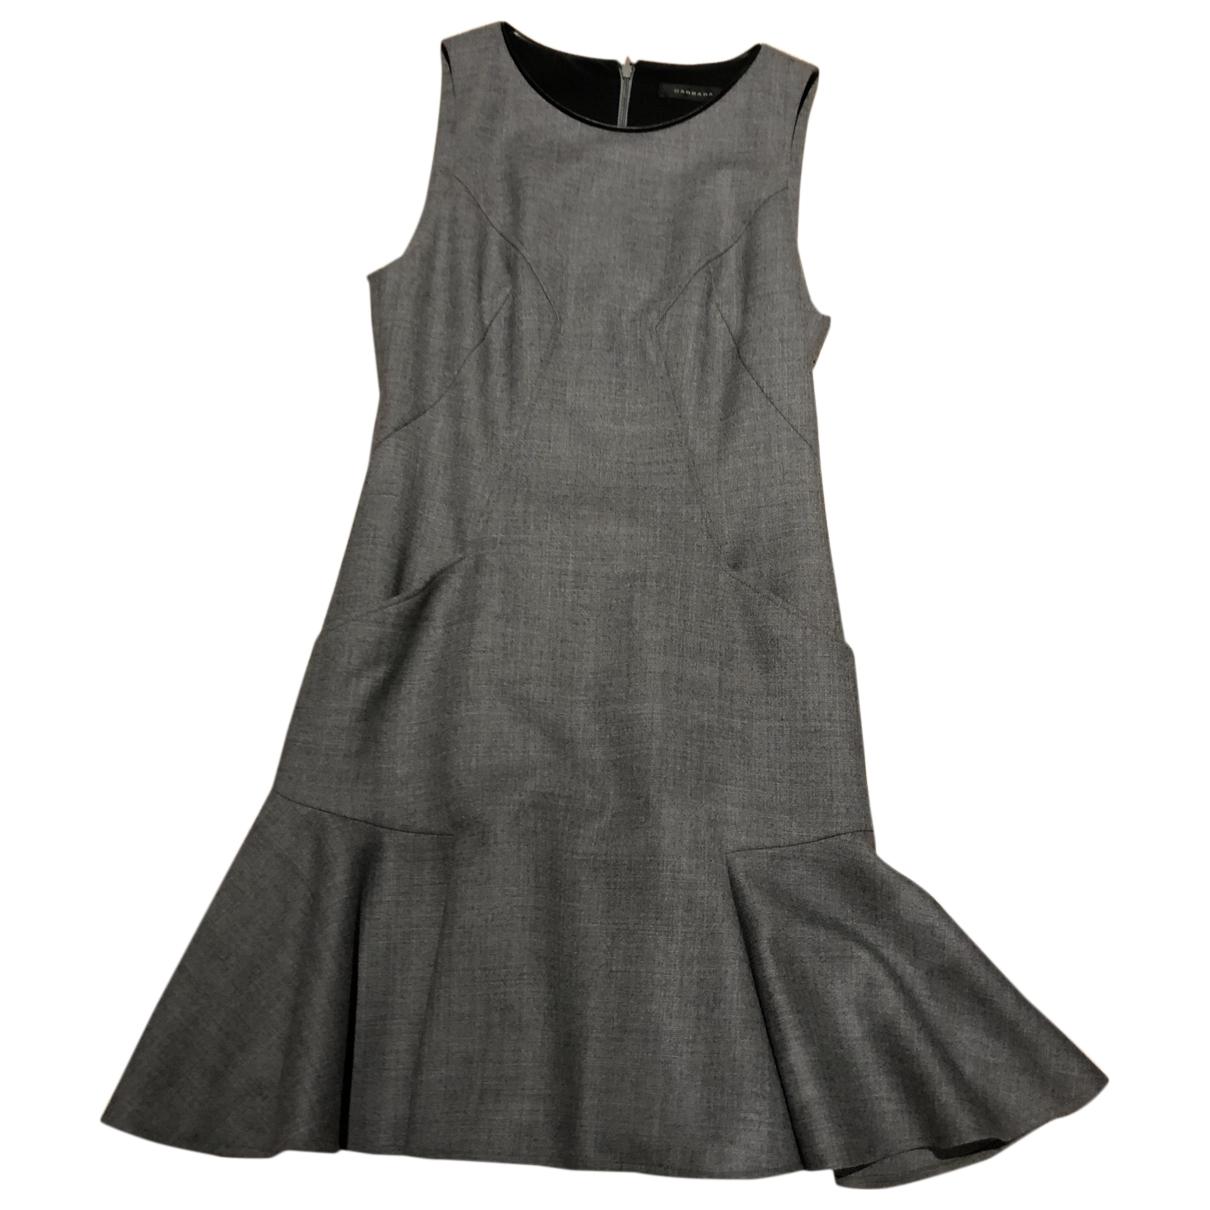 Barbara Bui \N Grey Wool dress for Women 38 FR